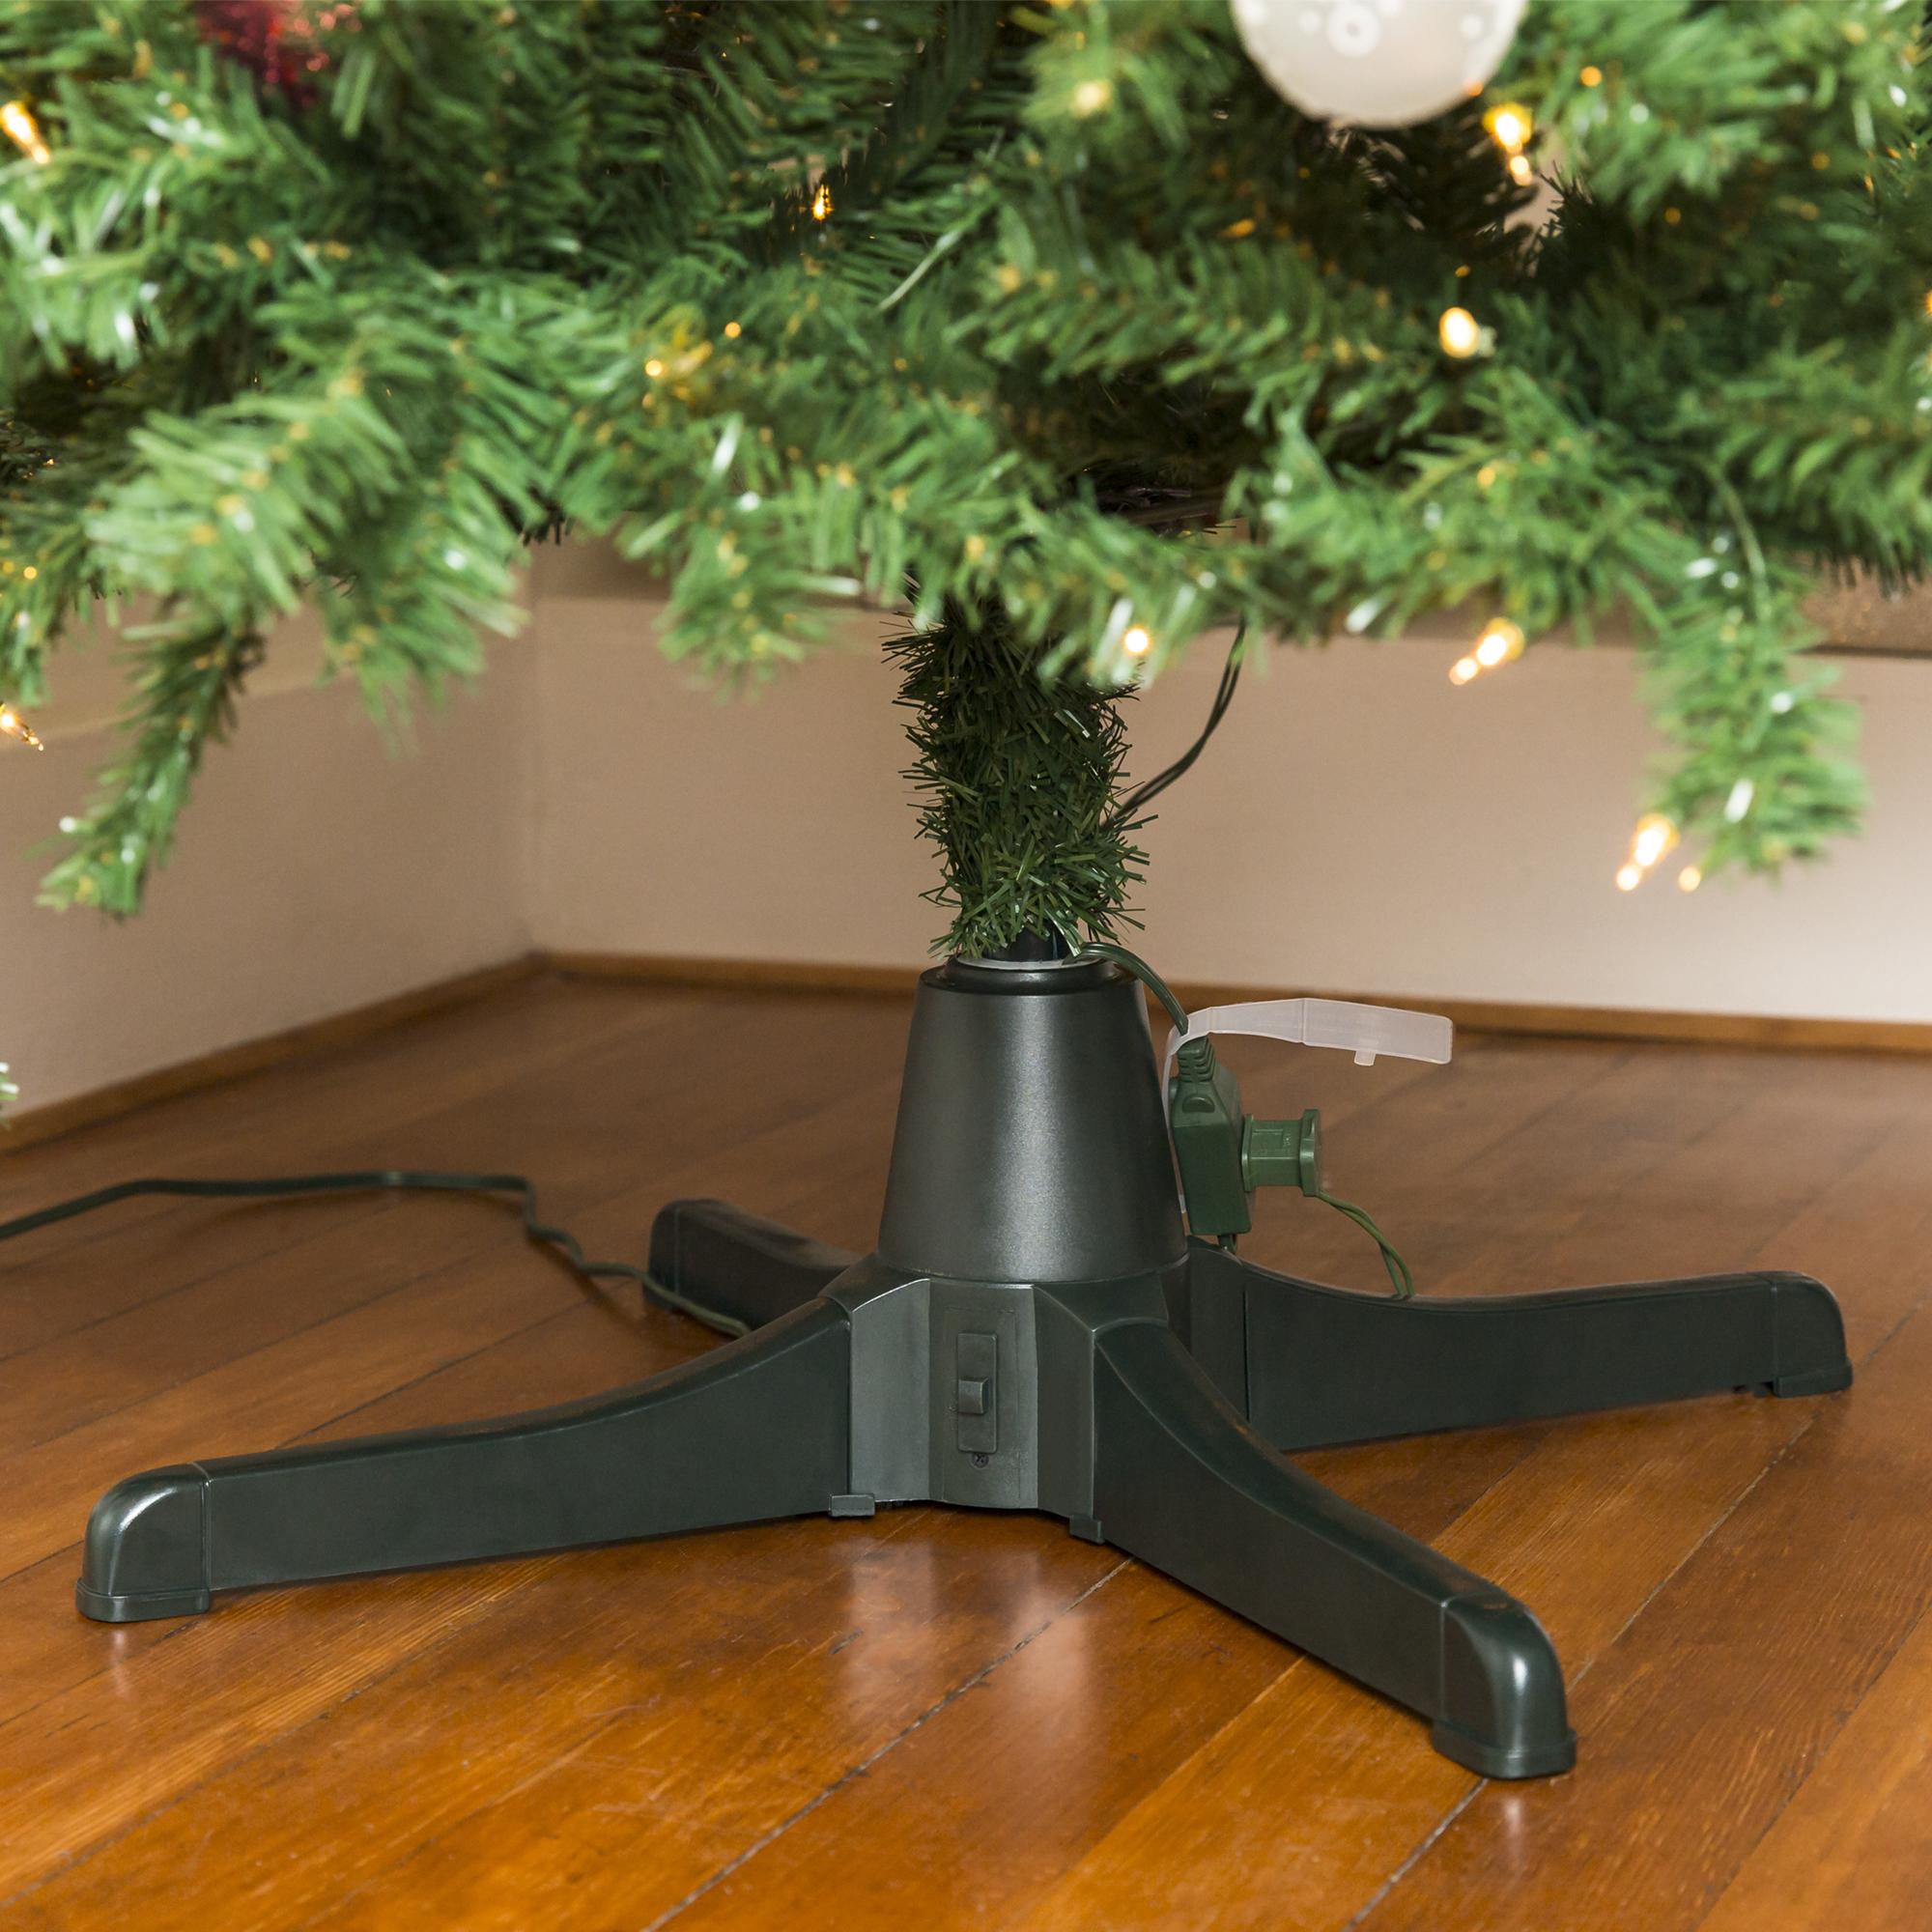 Musical Rotating Christmas Tree Stand: BCP 360-Degree Rotating Christmas Tree Stand W/ 3 Settings